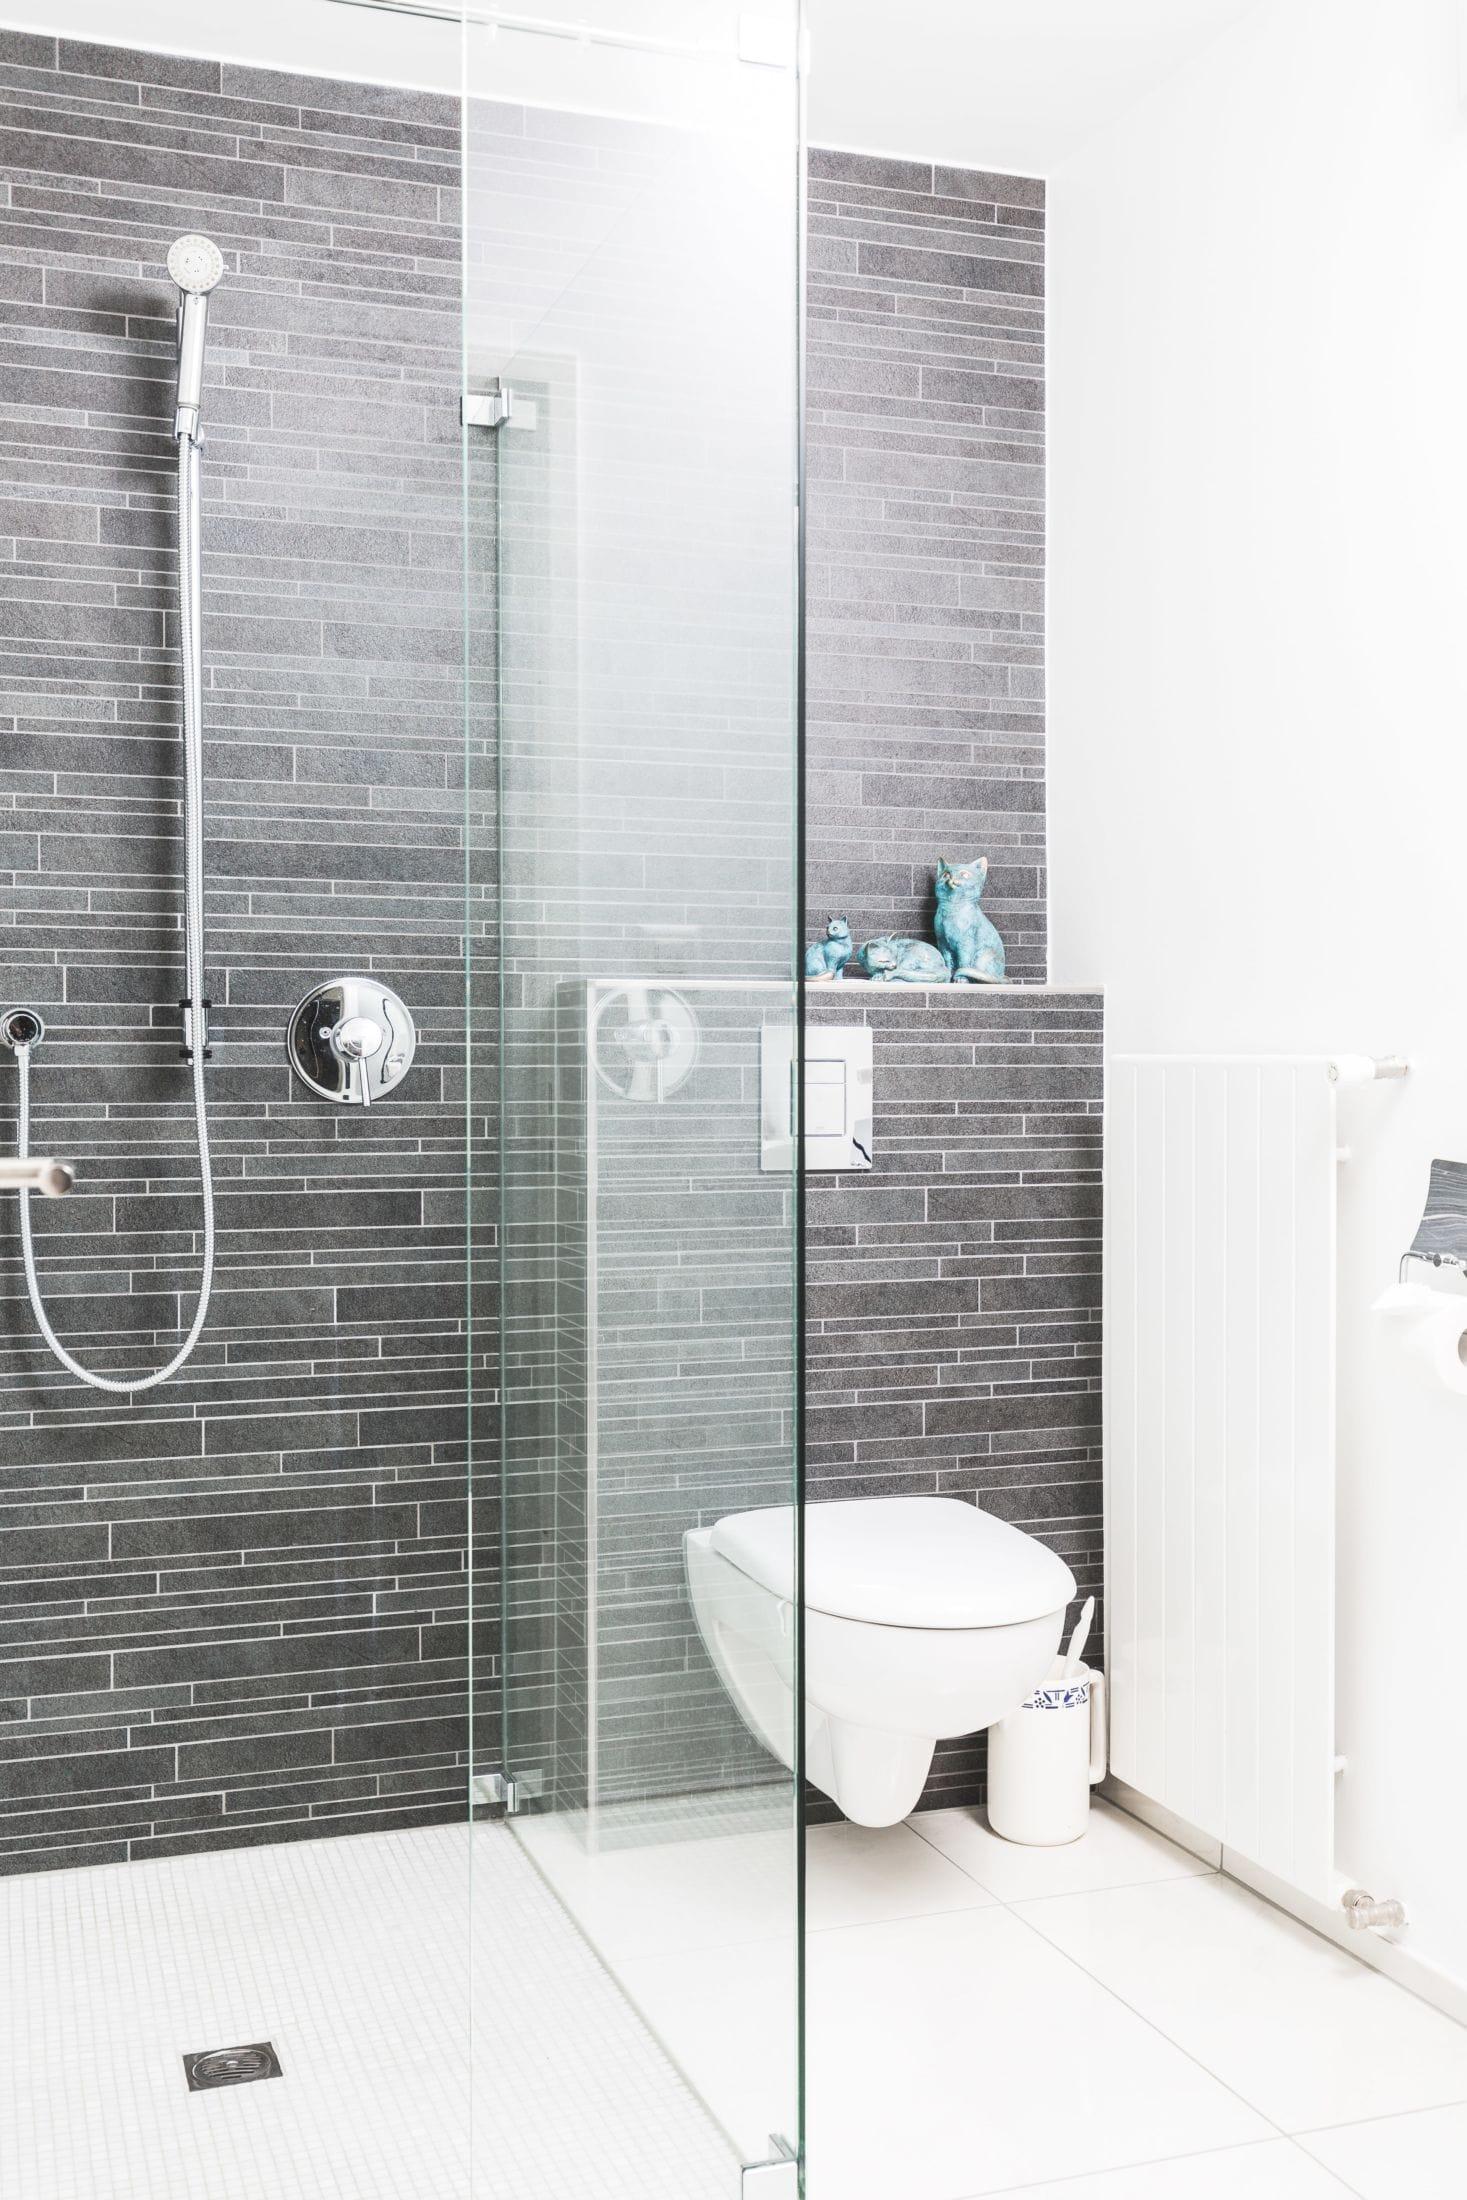 15Nachher Dusche Büchel Chur